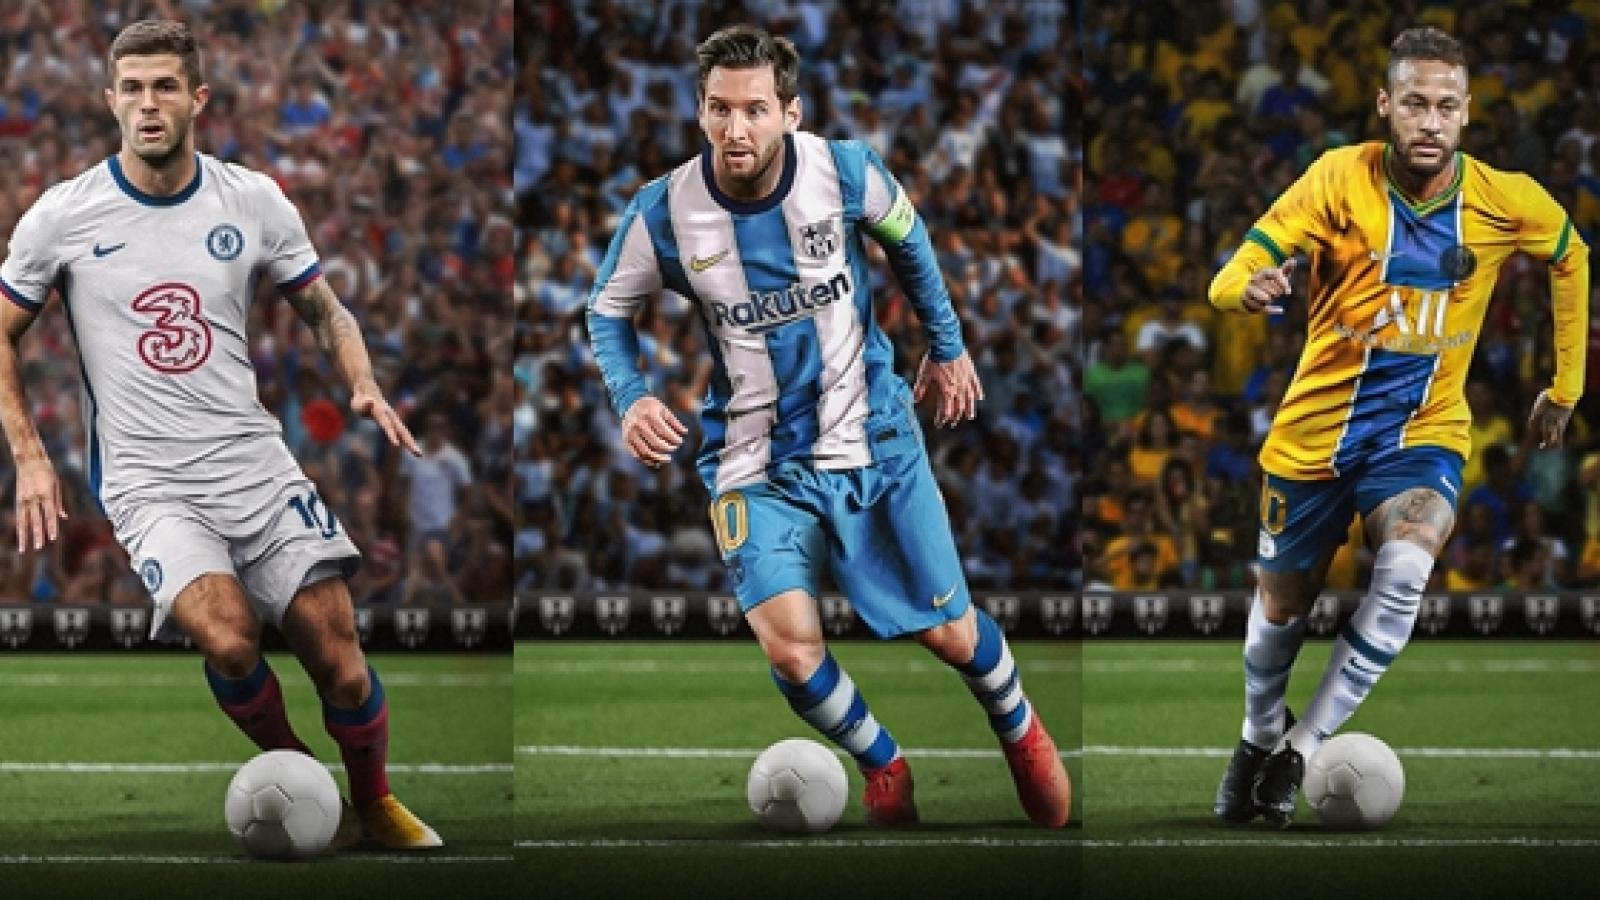 """Vũ trụ bóng đá ngược đời: Những mẫu áo đấu có """"1-0-2"""""""